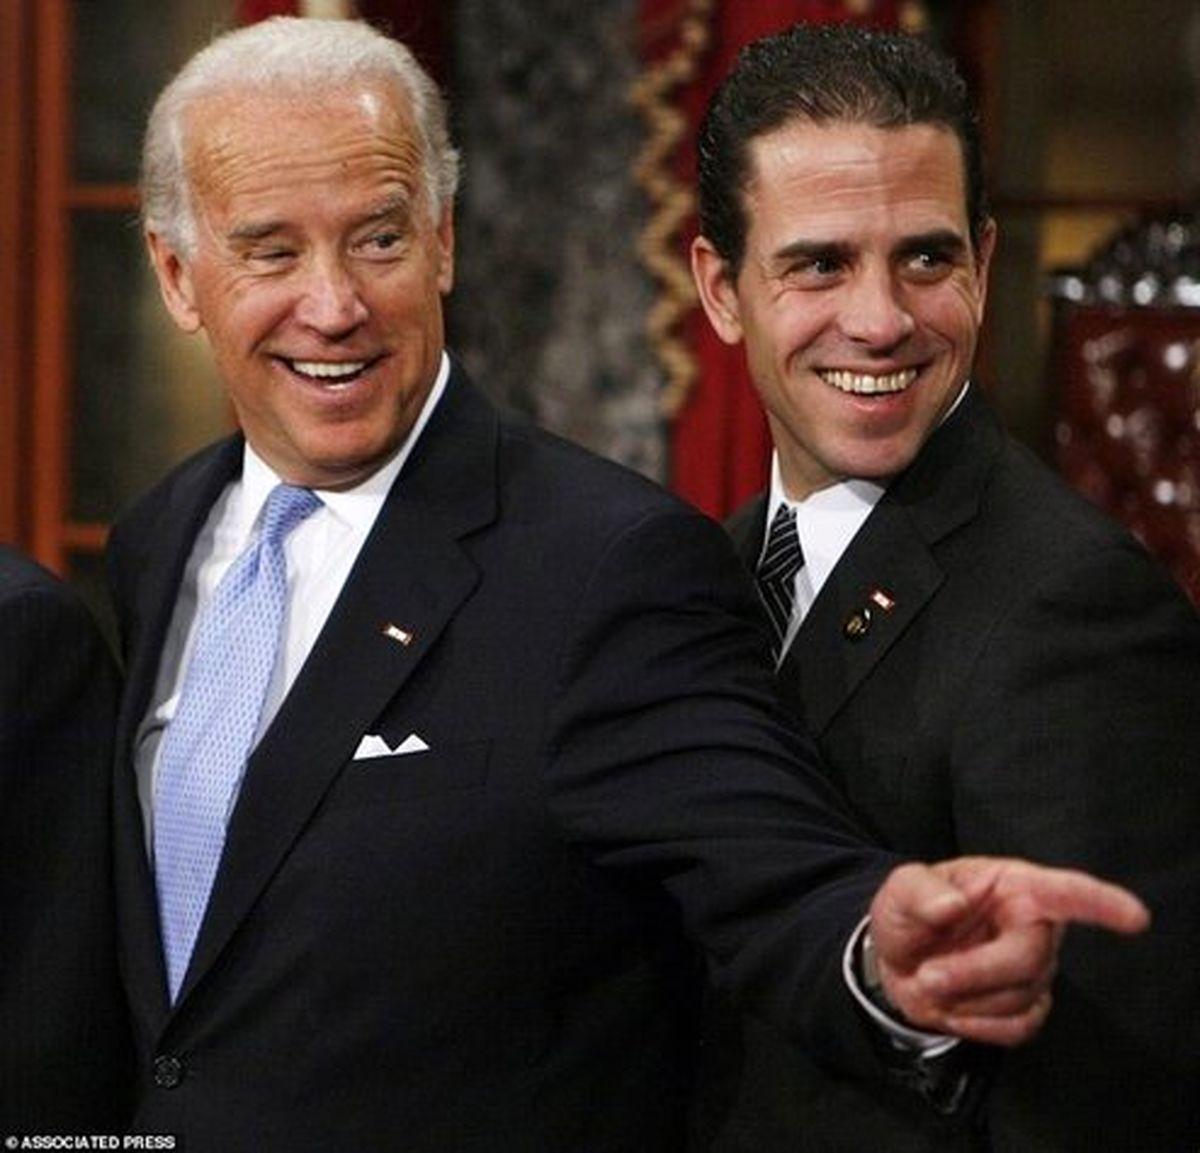 گندی که پسر جو بایدن با لپتاپش زده است! +عکس